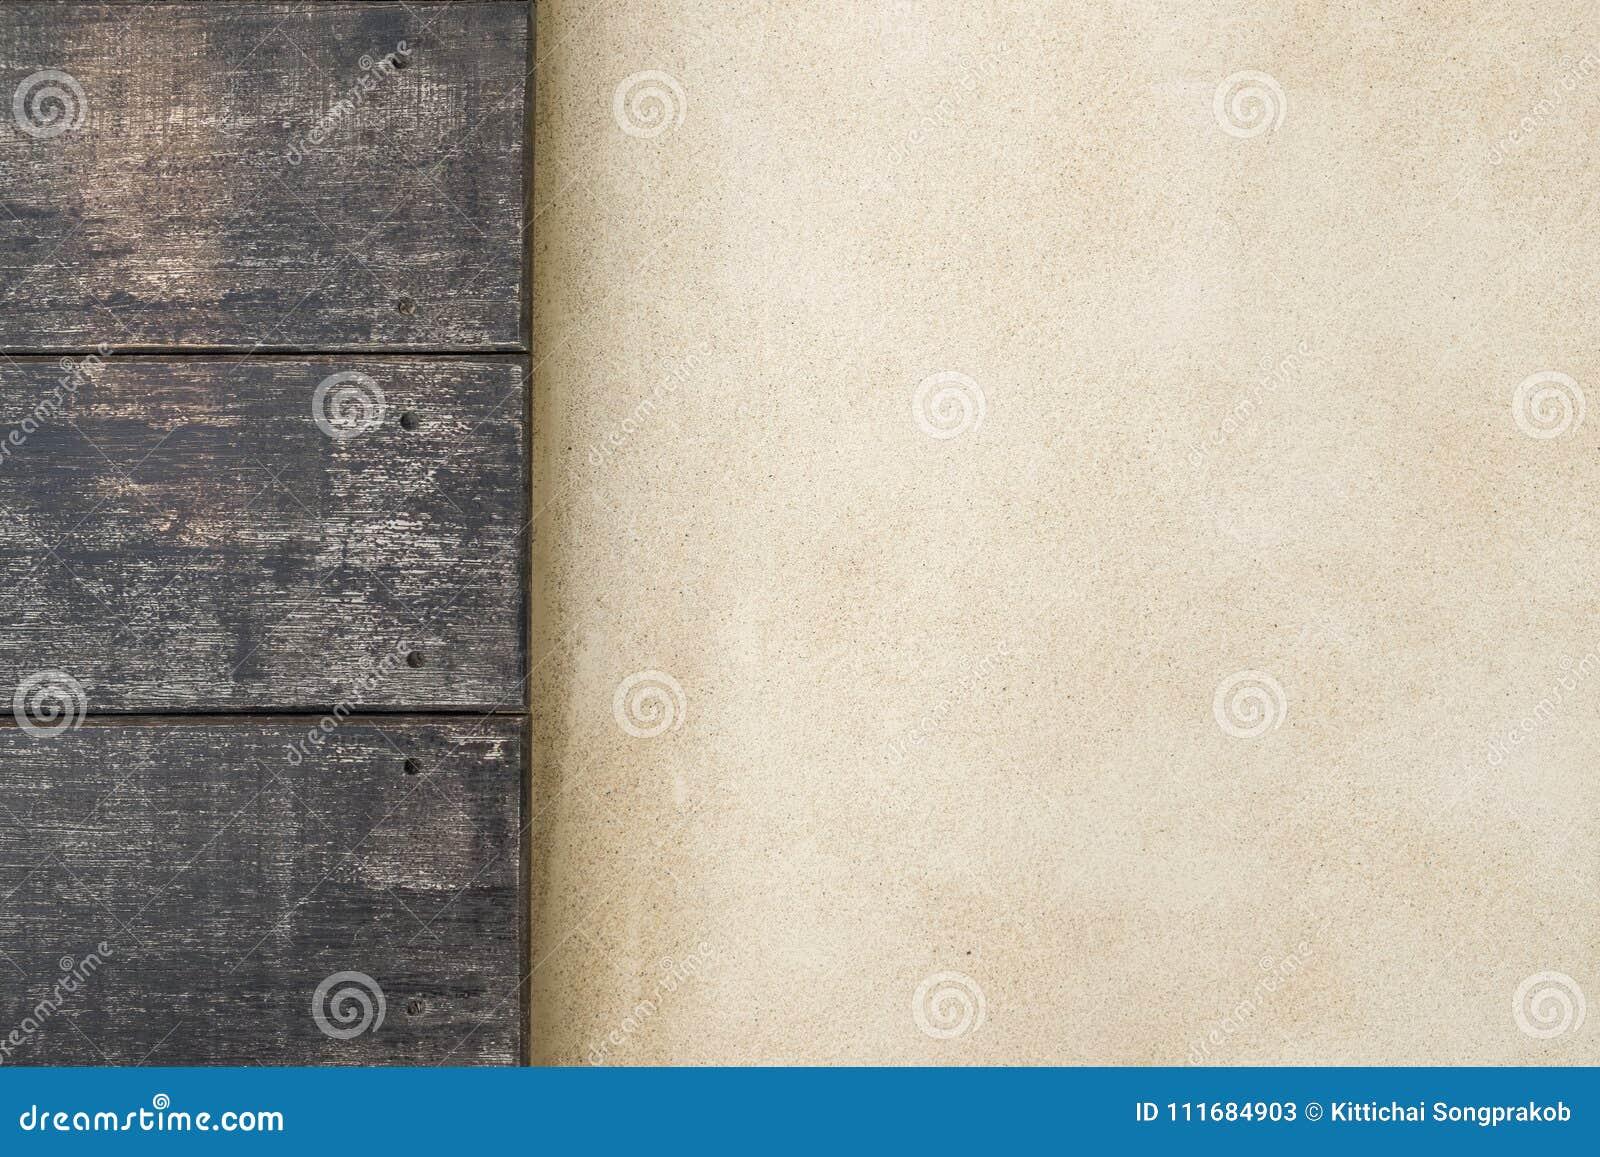 Τοπ ξύλινο και πάτωμα τσιμέντου τοποθετημένο σε στρώματα teakwook δάσος σύστασης ανασκόπησης πάτωμα